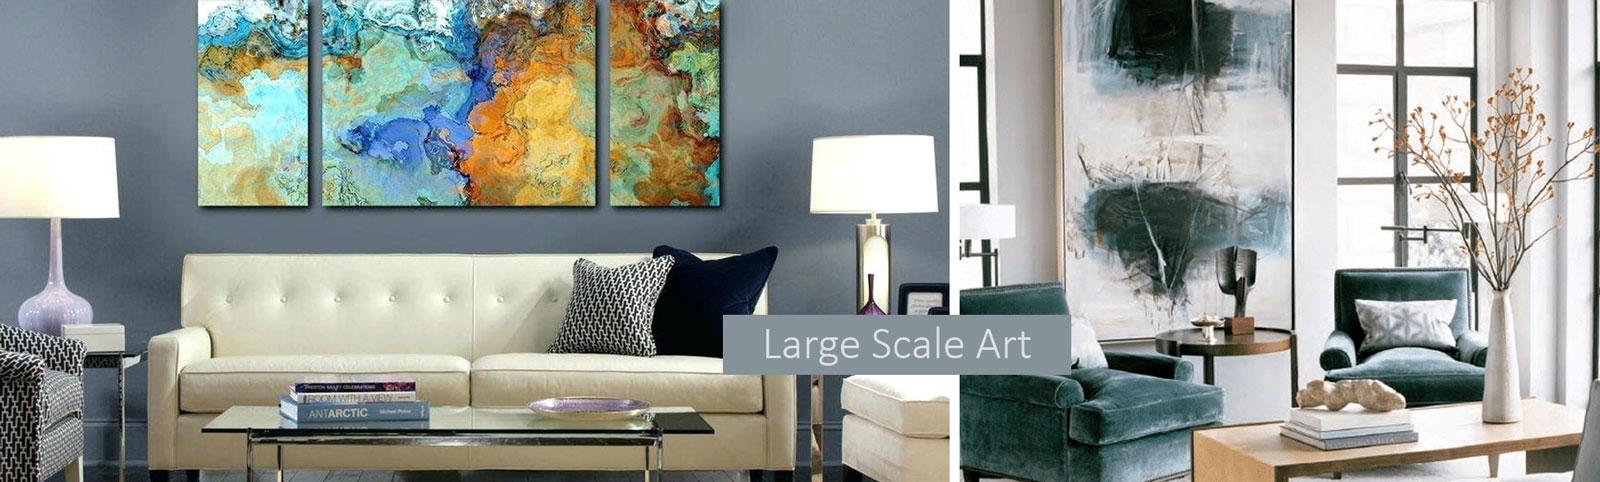 decorasion change8 - ترفندهای کم هزینه برای تغییر دکوراسیون منزل